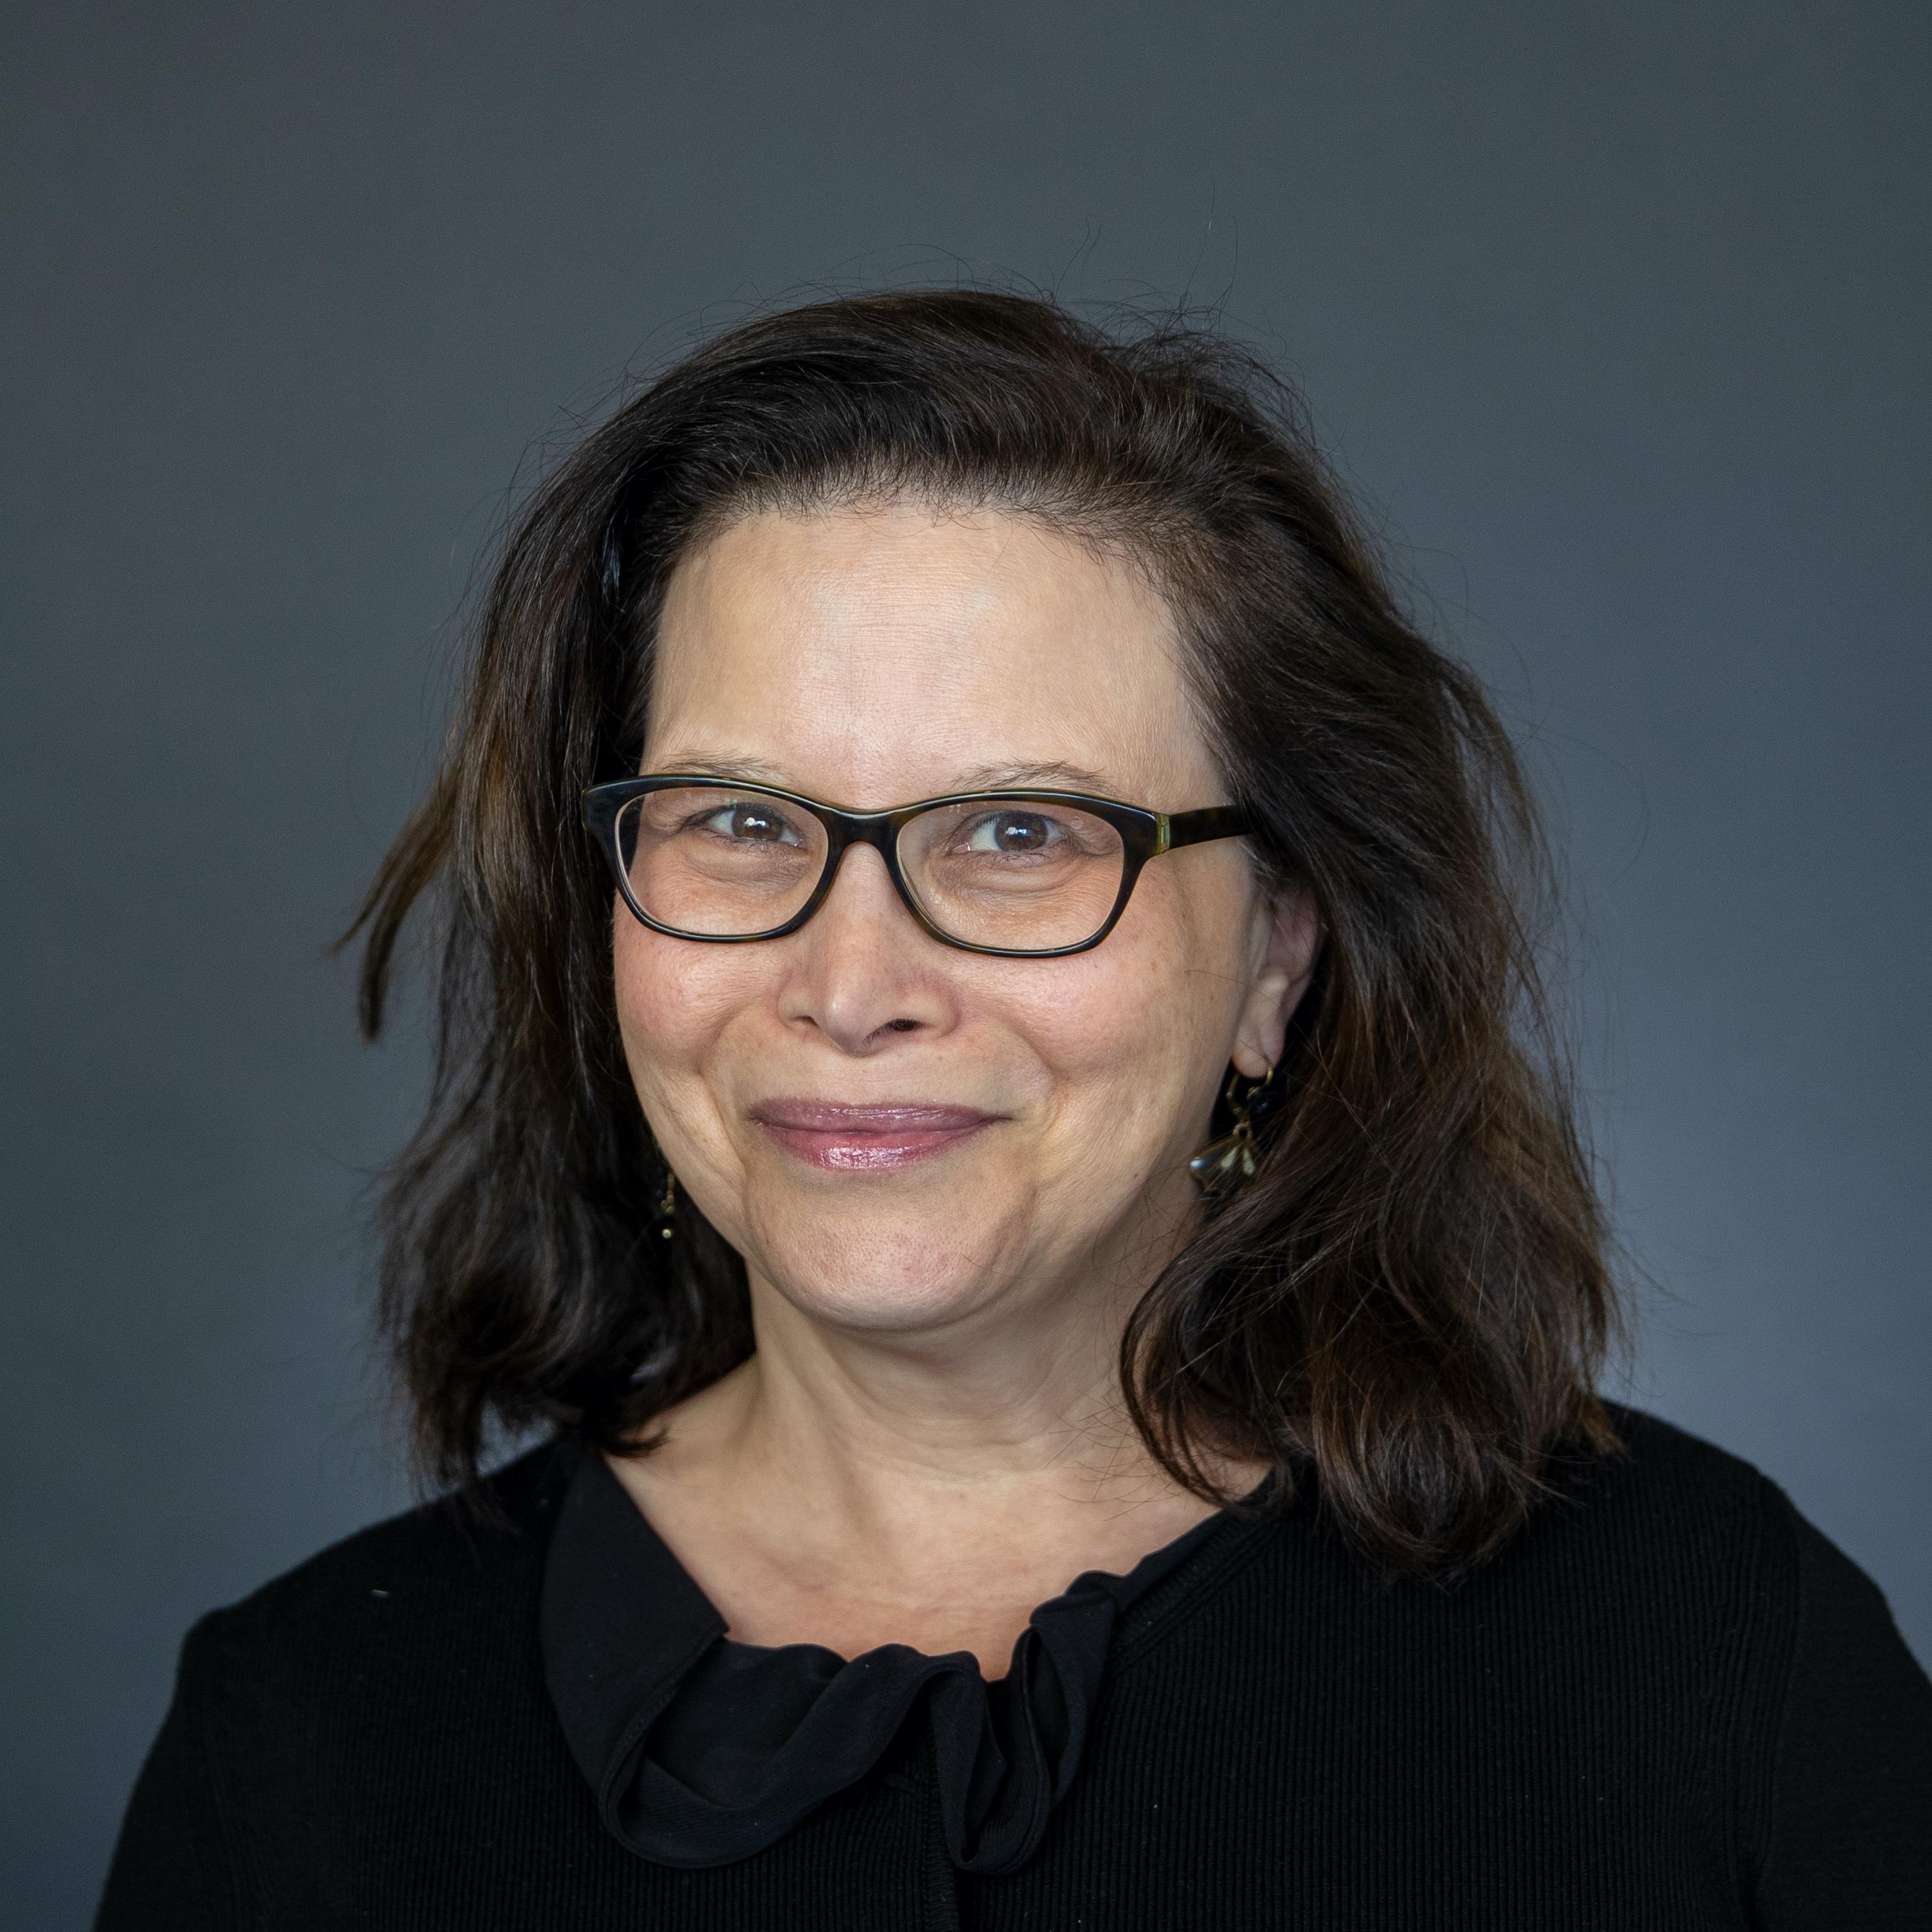 Elizabeth Kleinveld